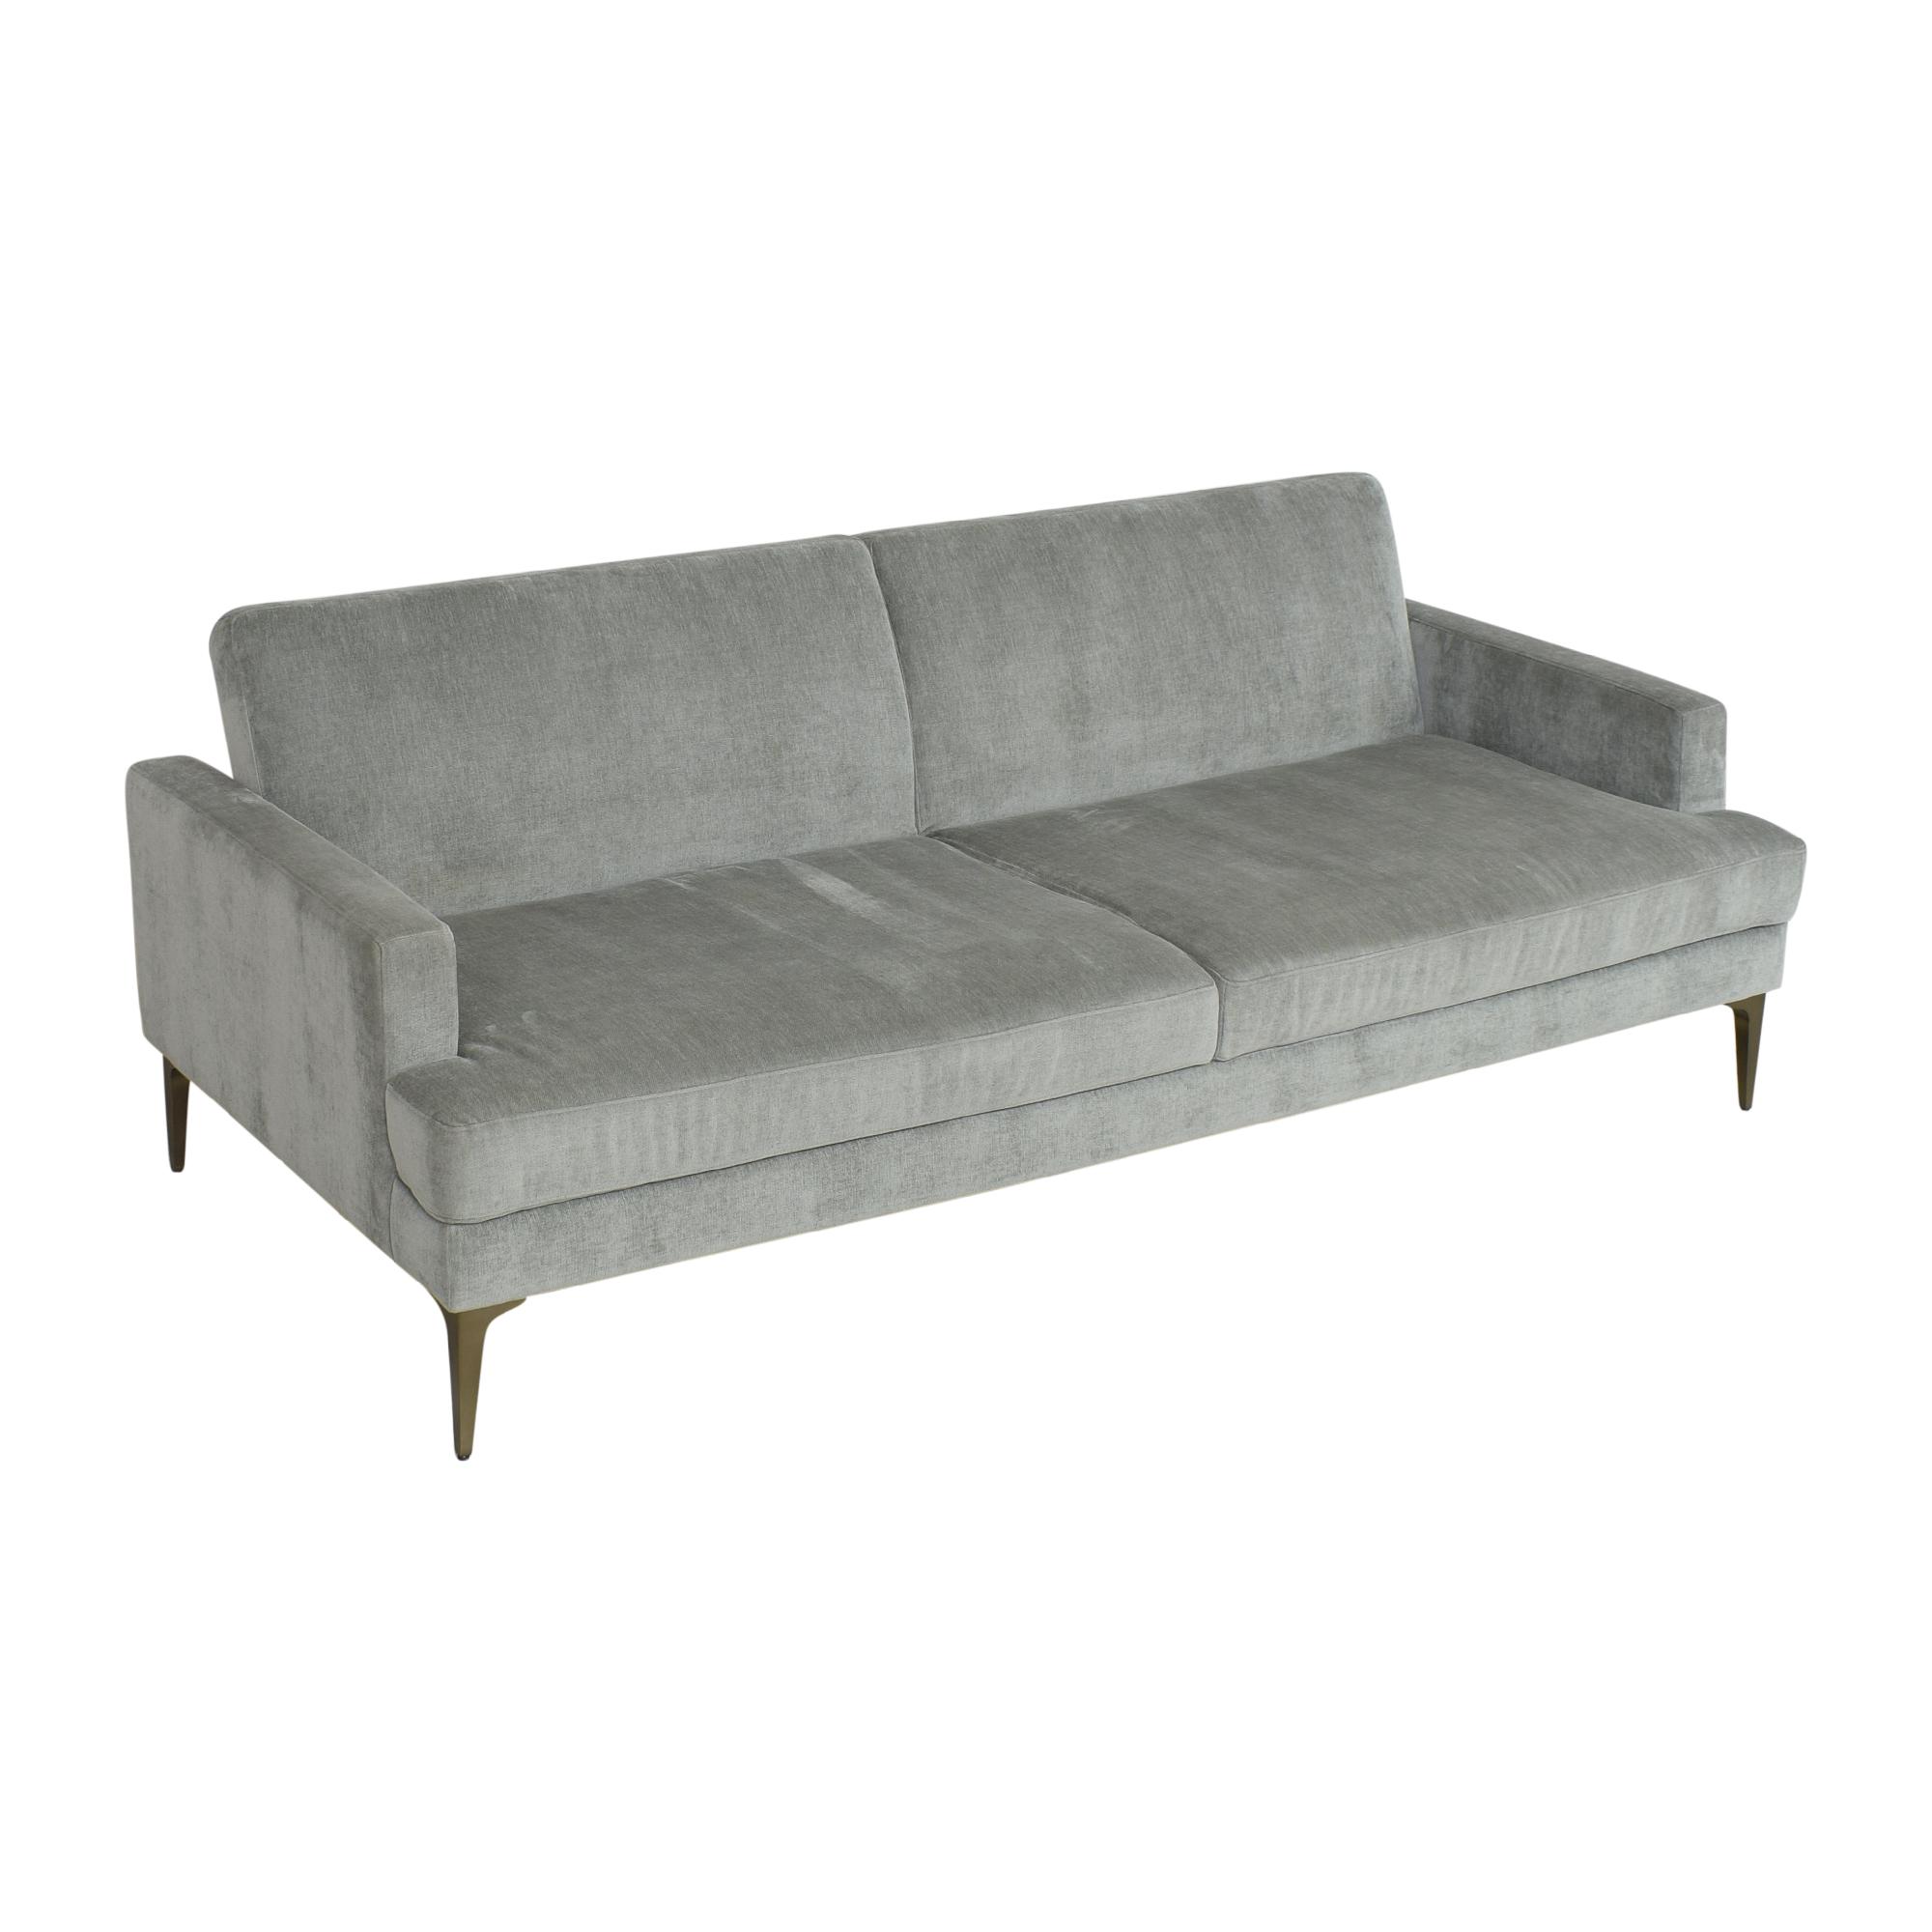 buy West Elm Andes Full Futon West Elm Sofa Beds